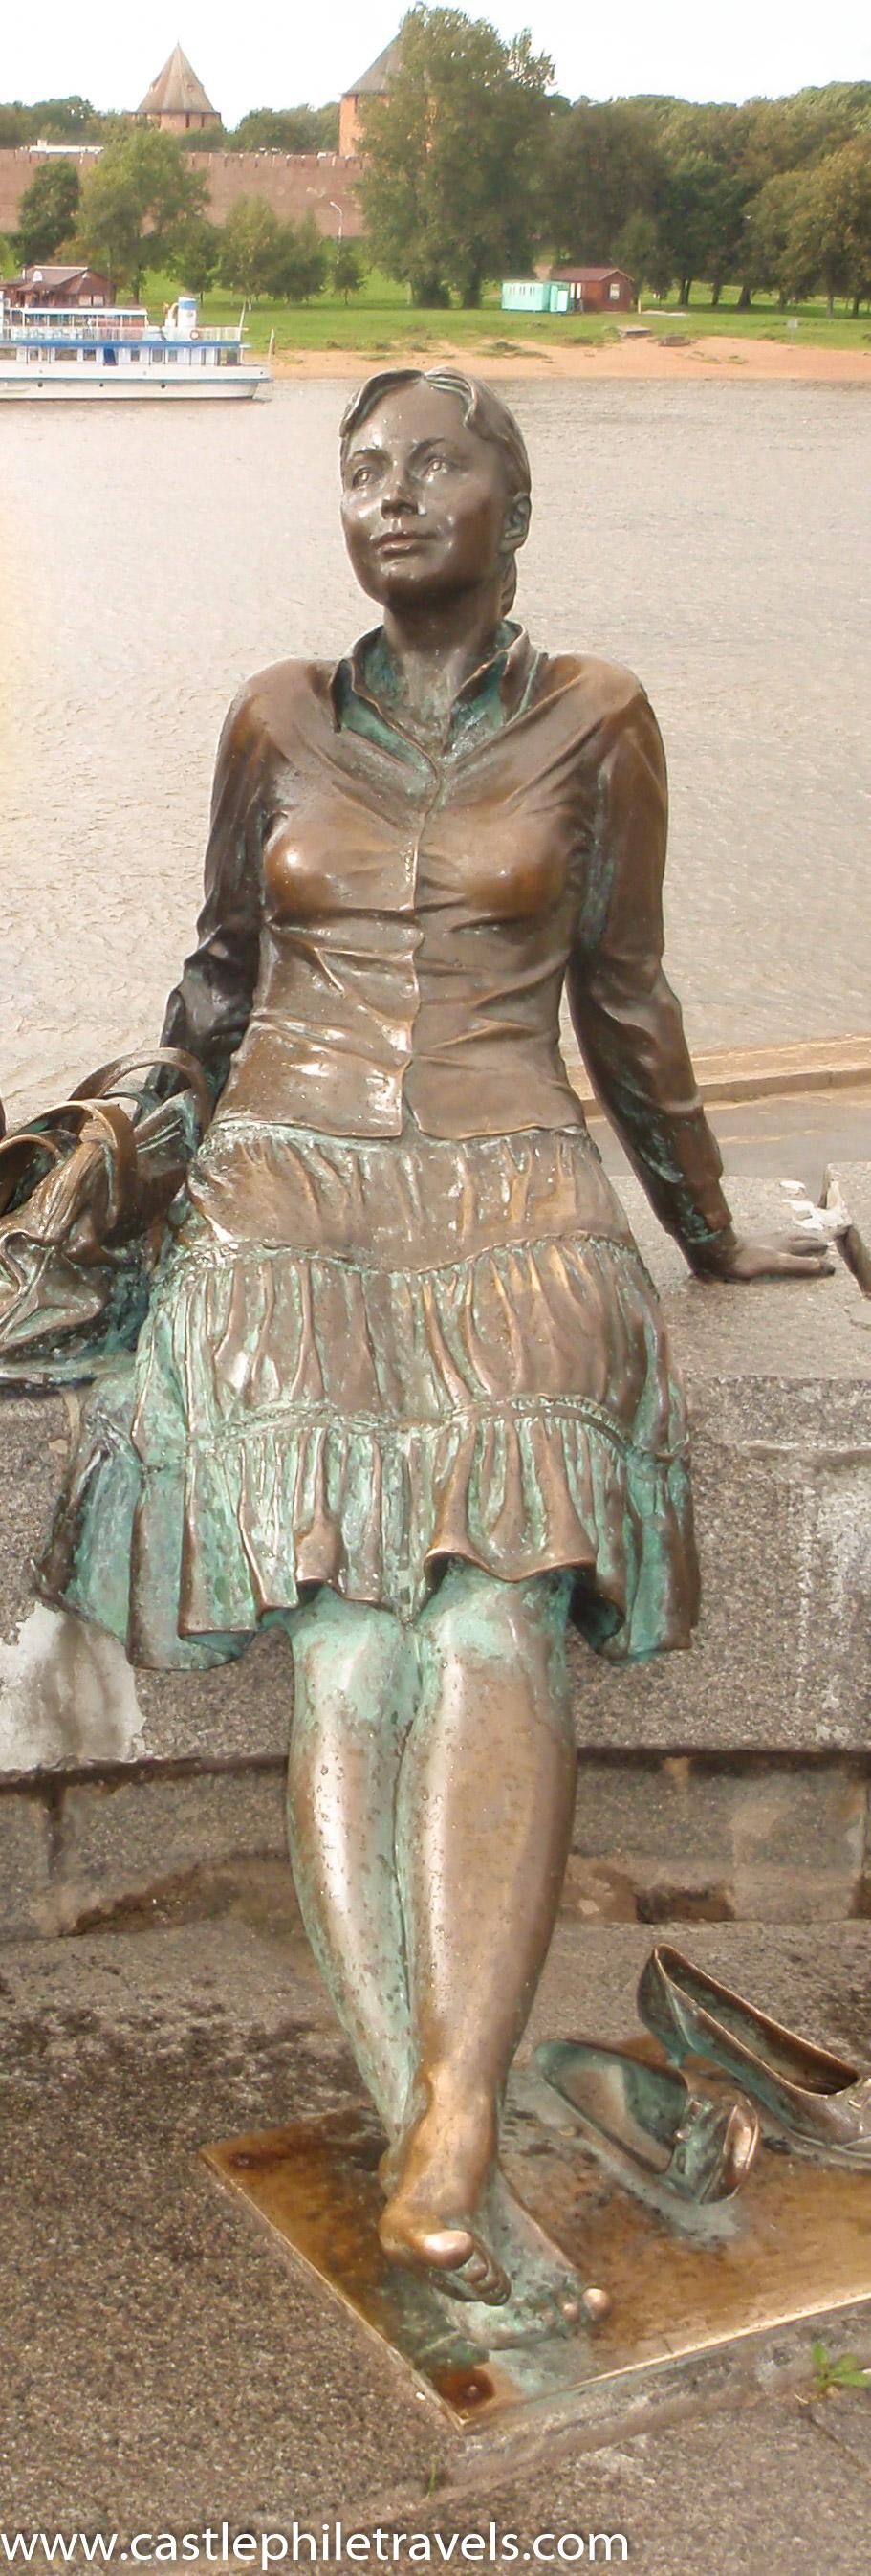 Statue in Veliky Novgorod